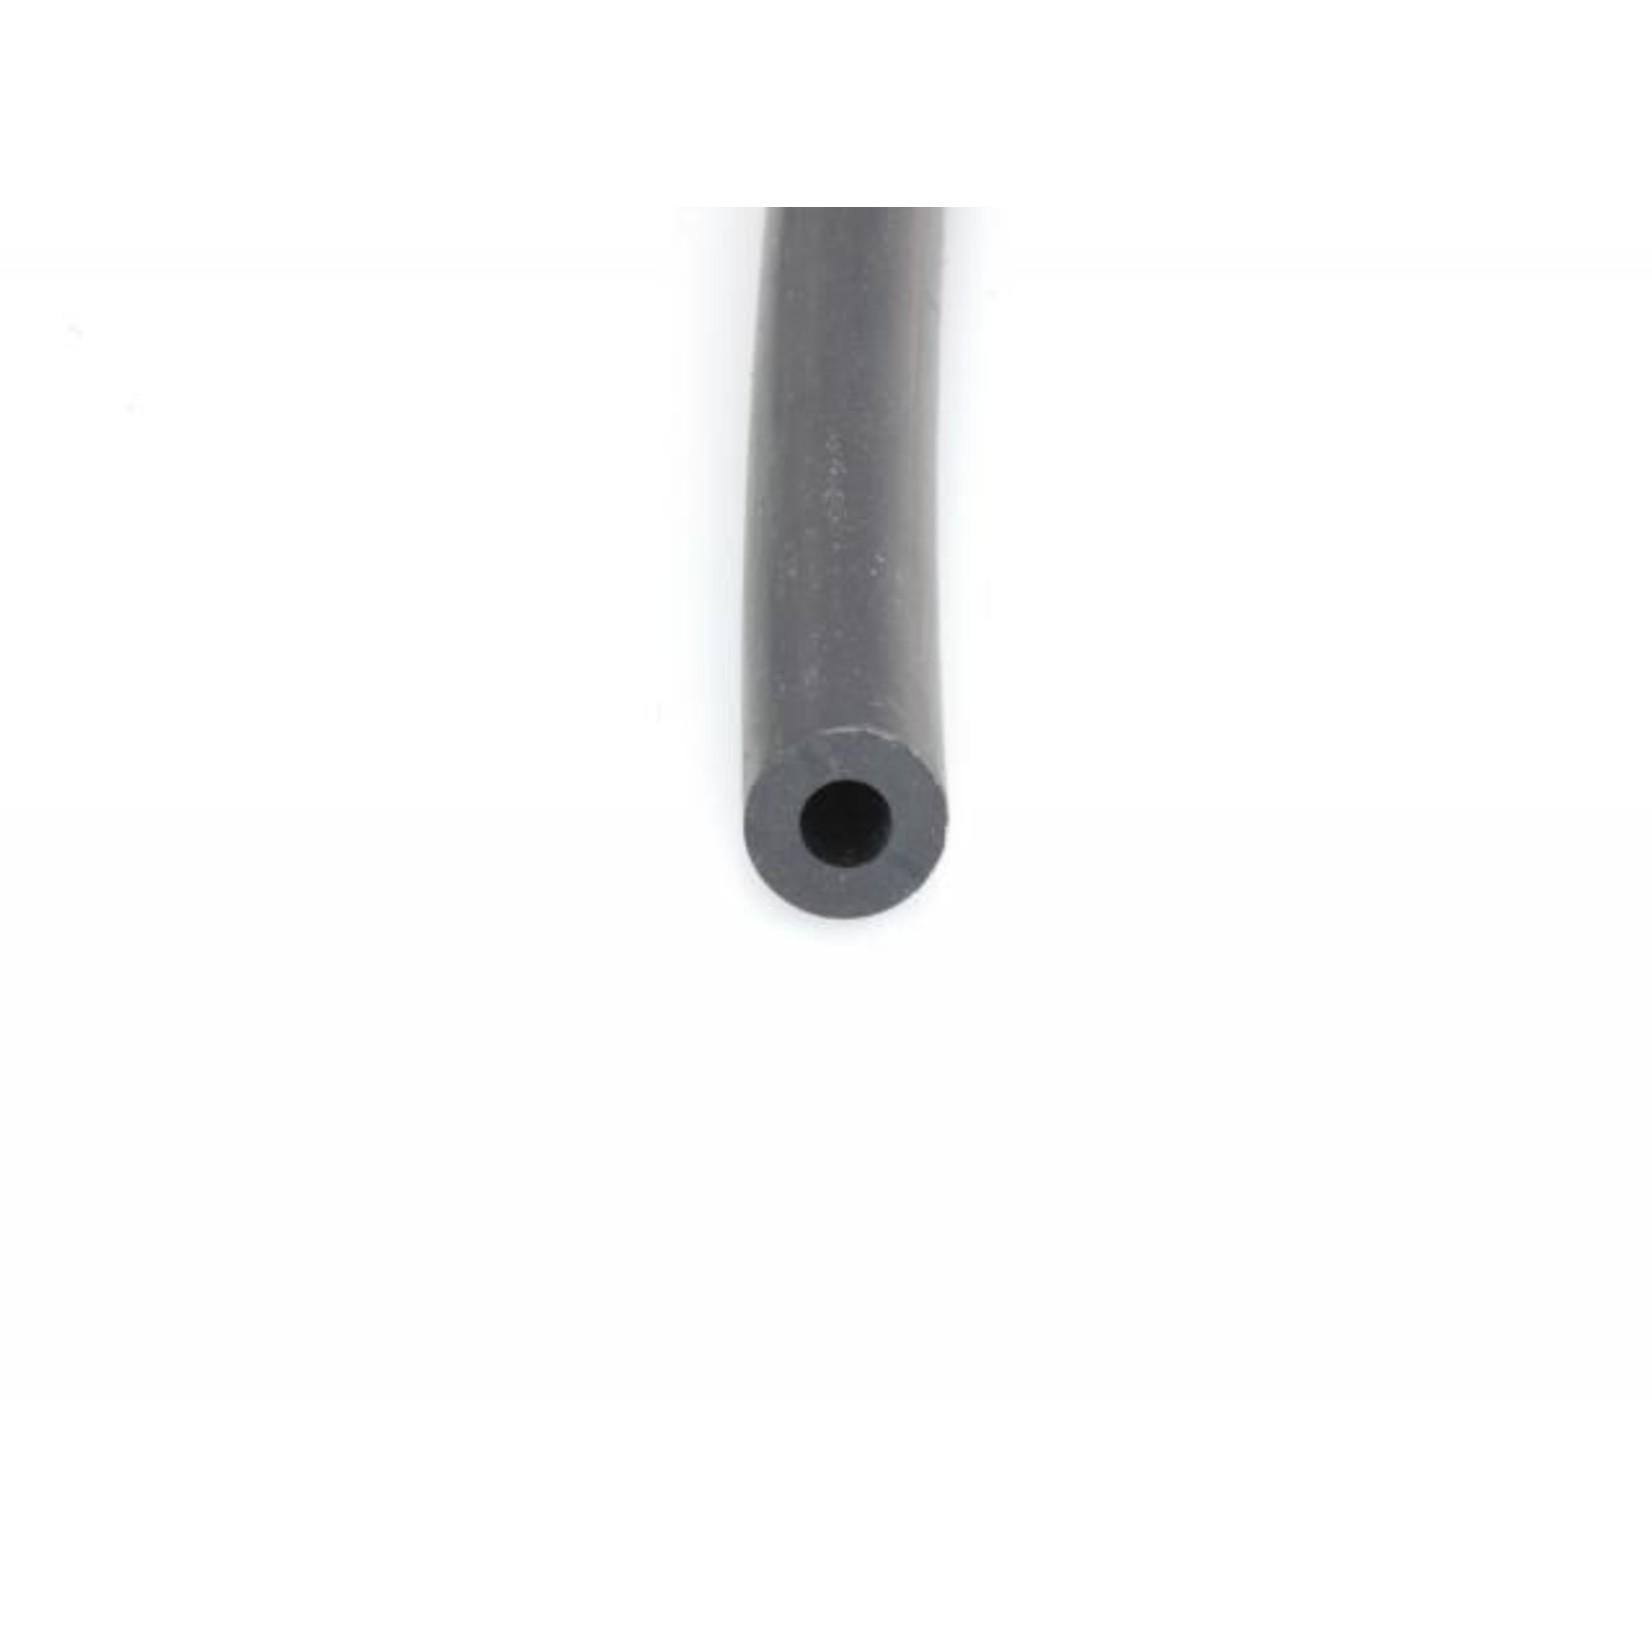 Tube retour caoutchouc LHM 5 x 11mm Nr Org: DVN39471